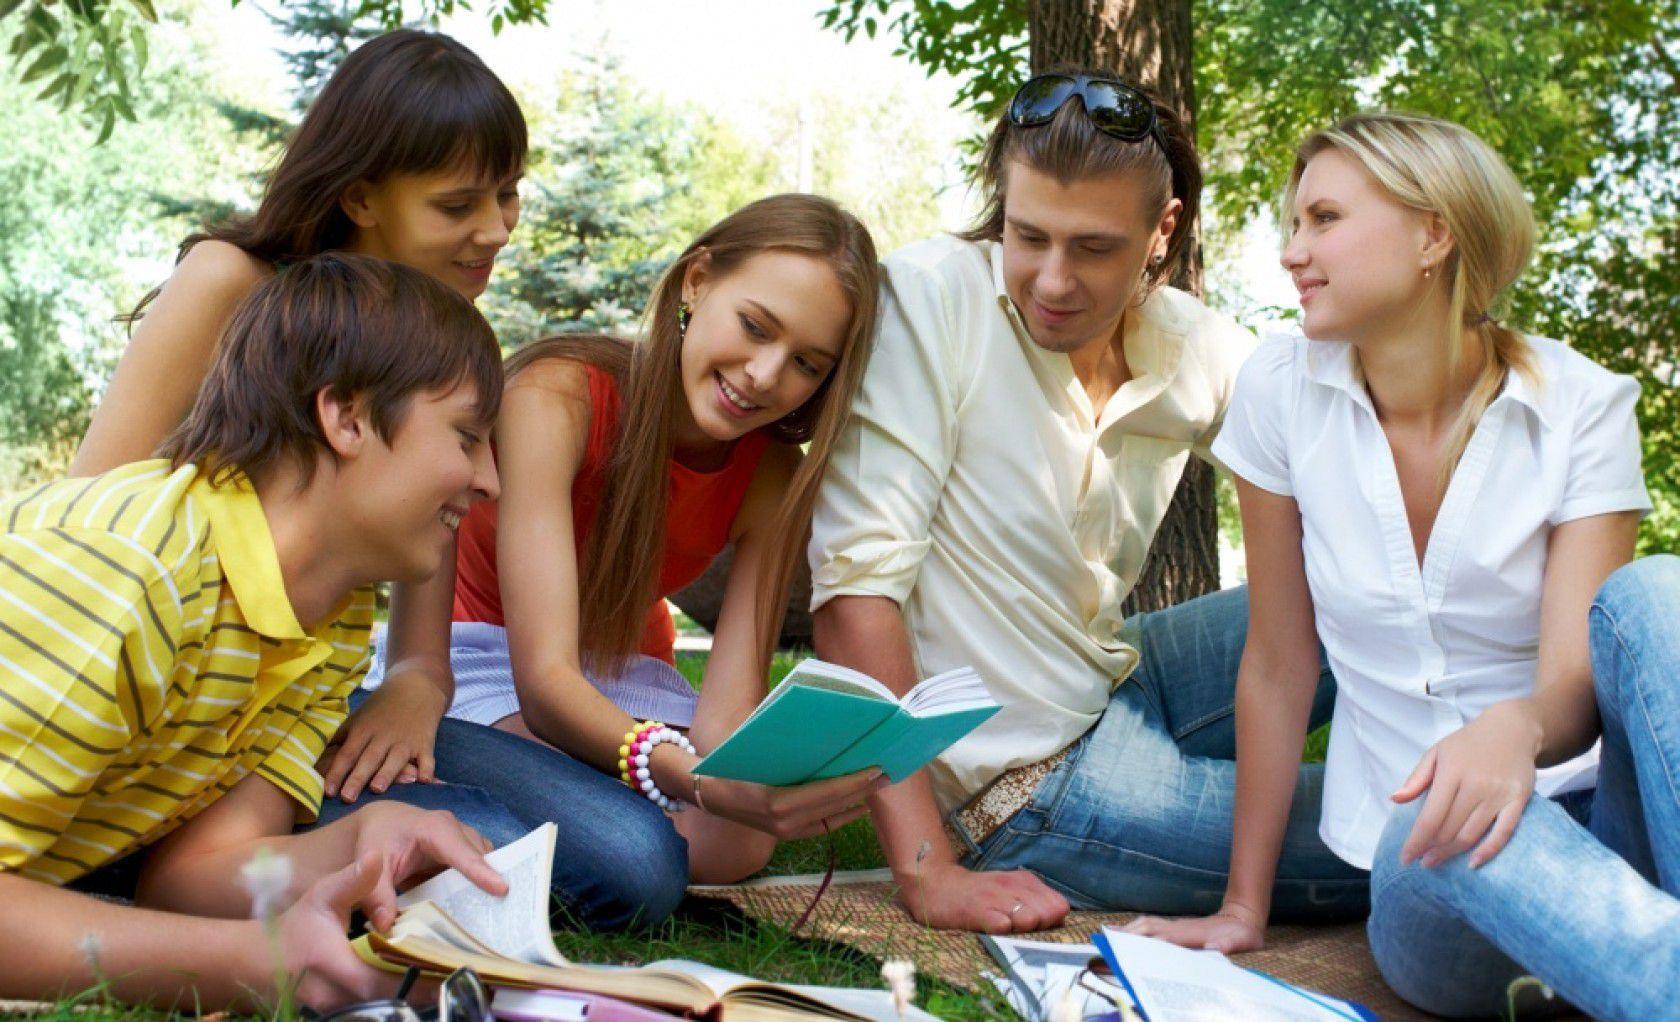 Amerika Öğrenci Vizesi Başvuruları Nasıl Yapılır Sorusunun Cevabı Burada